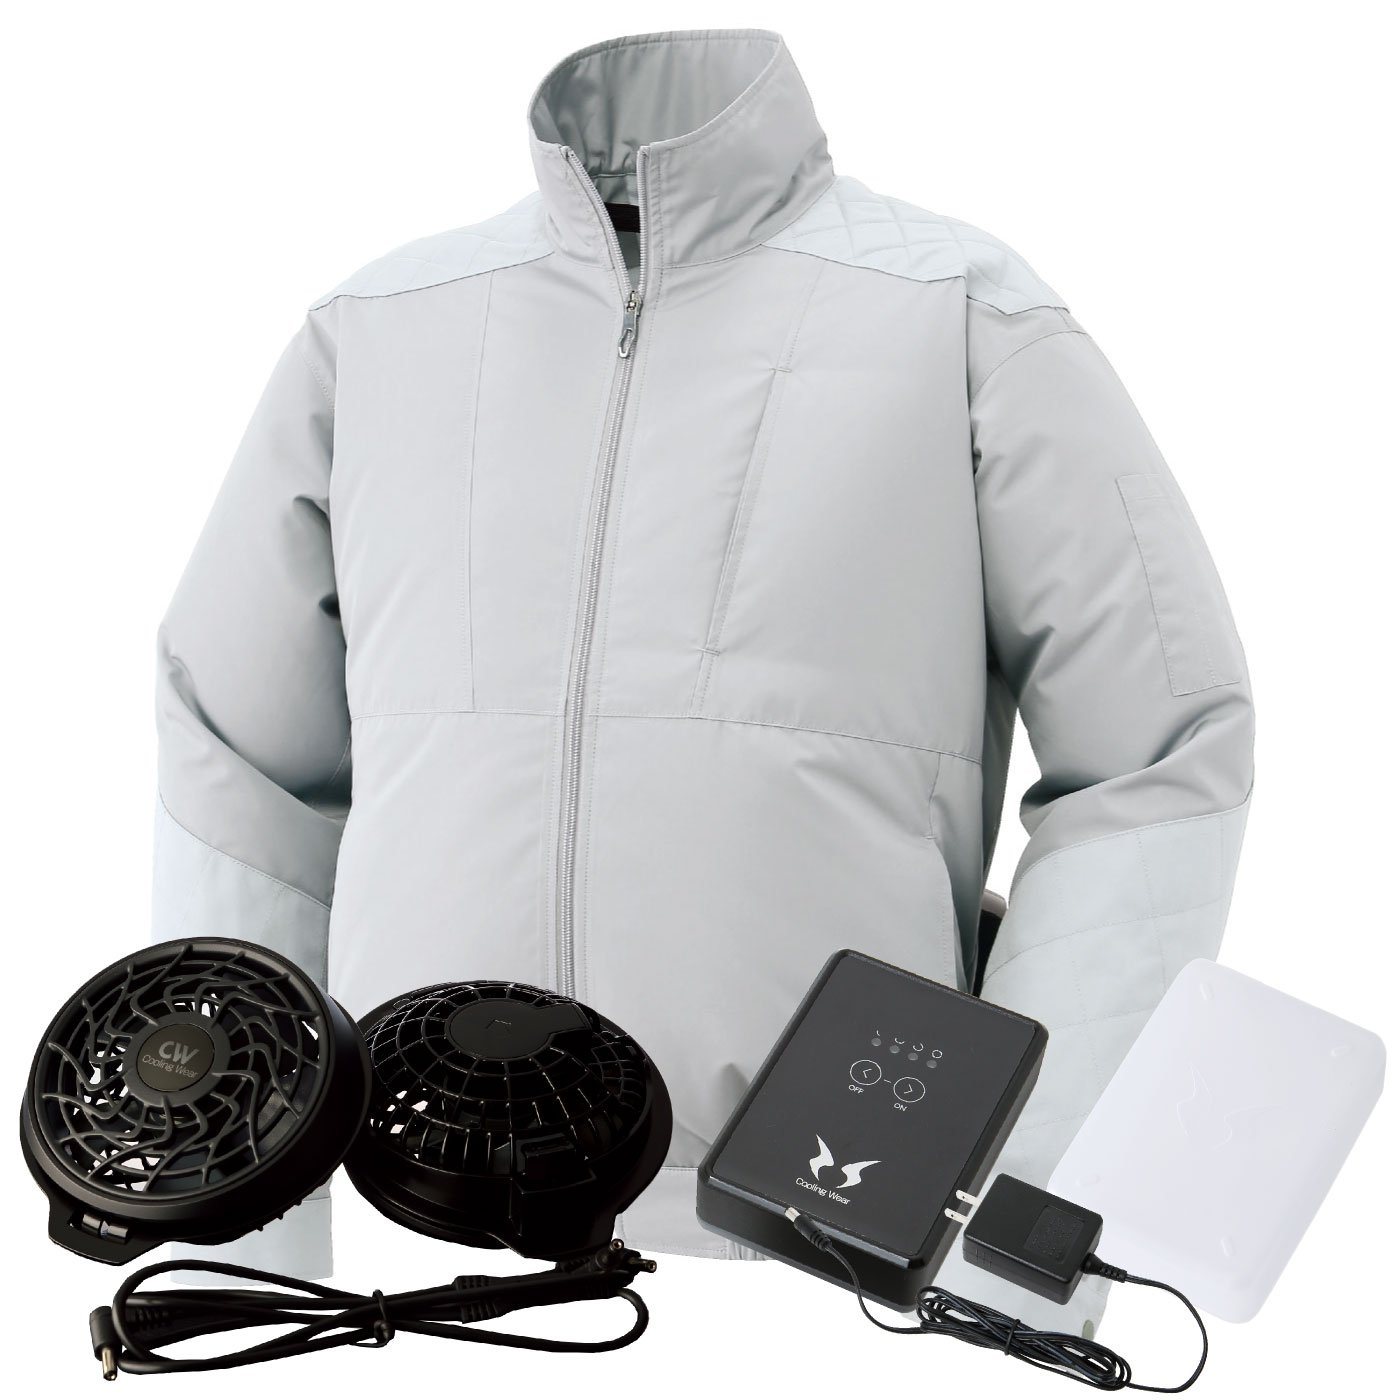 サンエス(SUN-S) 空調風神服 (空調服+ファンRD9810R+バッテリーRD9870J) ss-ku92200-lx B074FY9WZP 4L|シルバー シルバー 4L